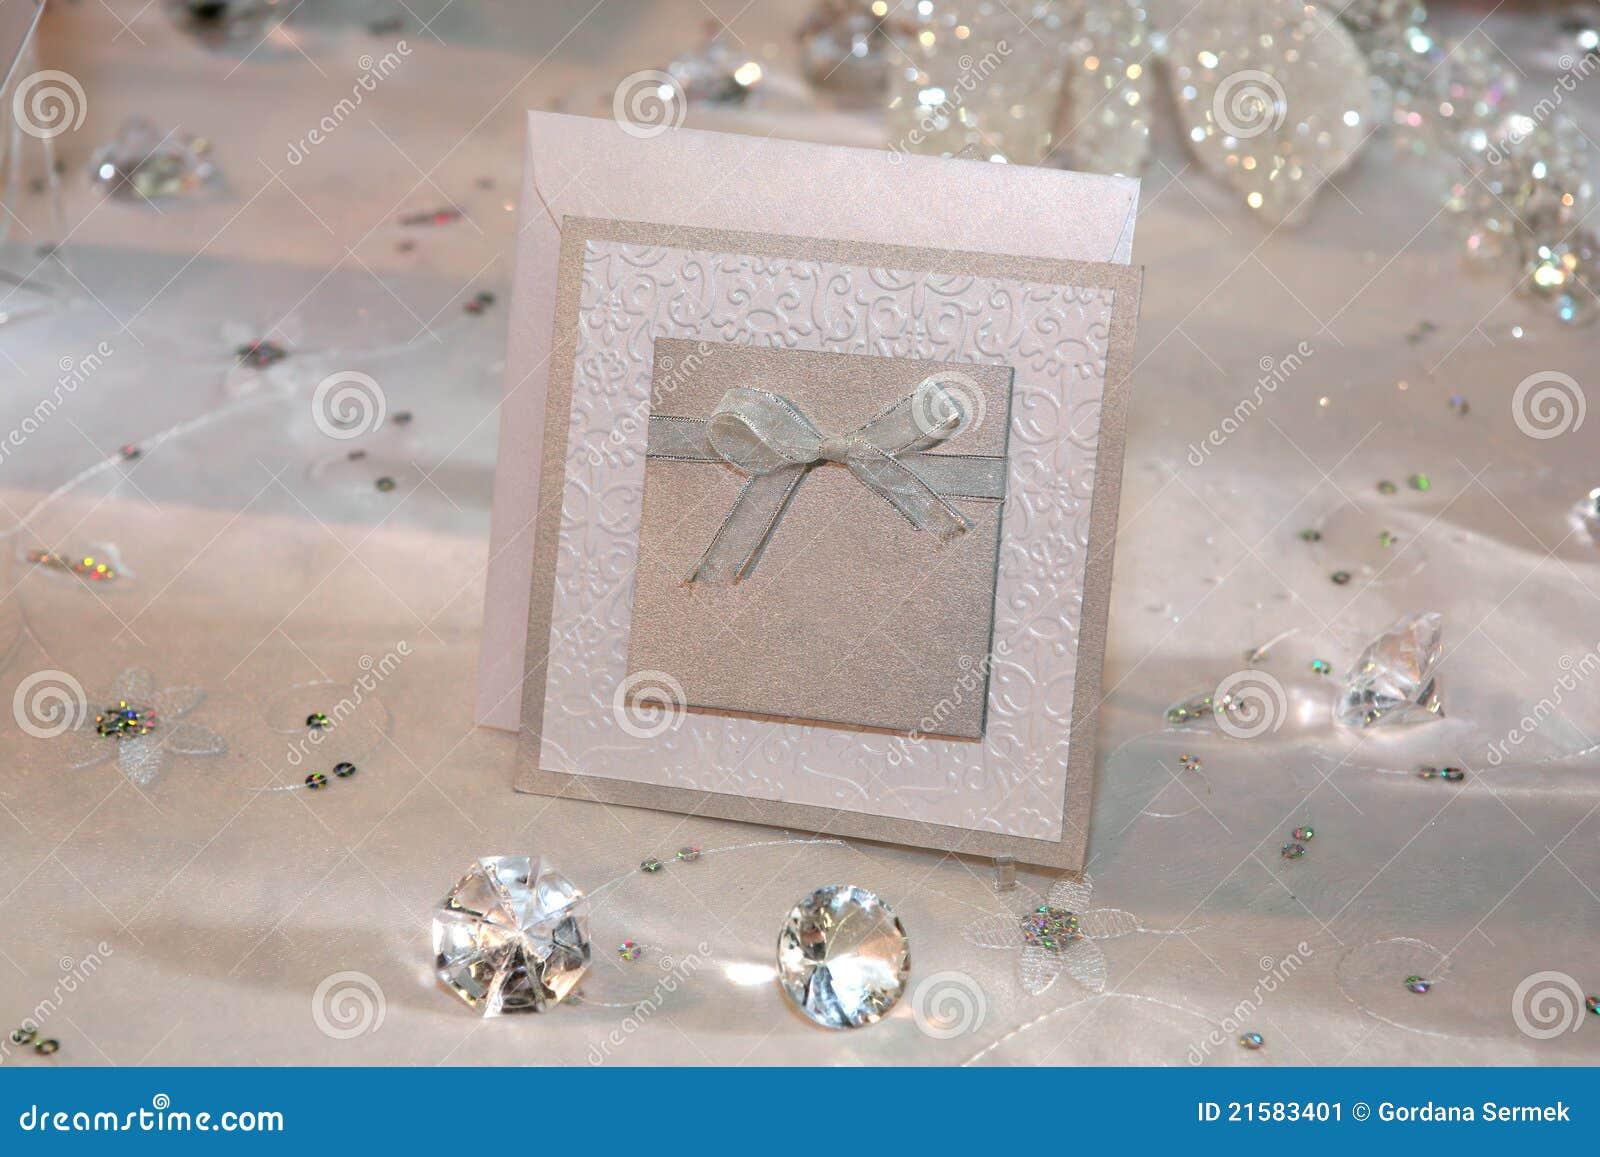 Elegante Hochzeitseinladung Stockbild - Bild: 21583401